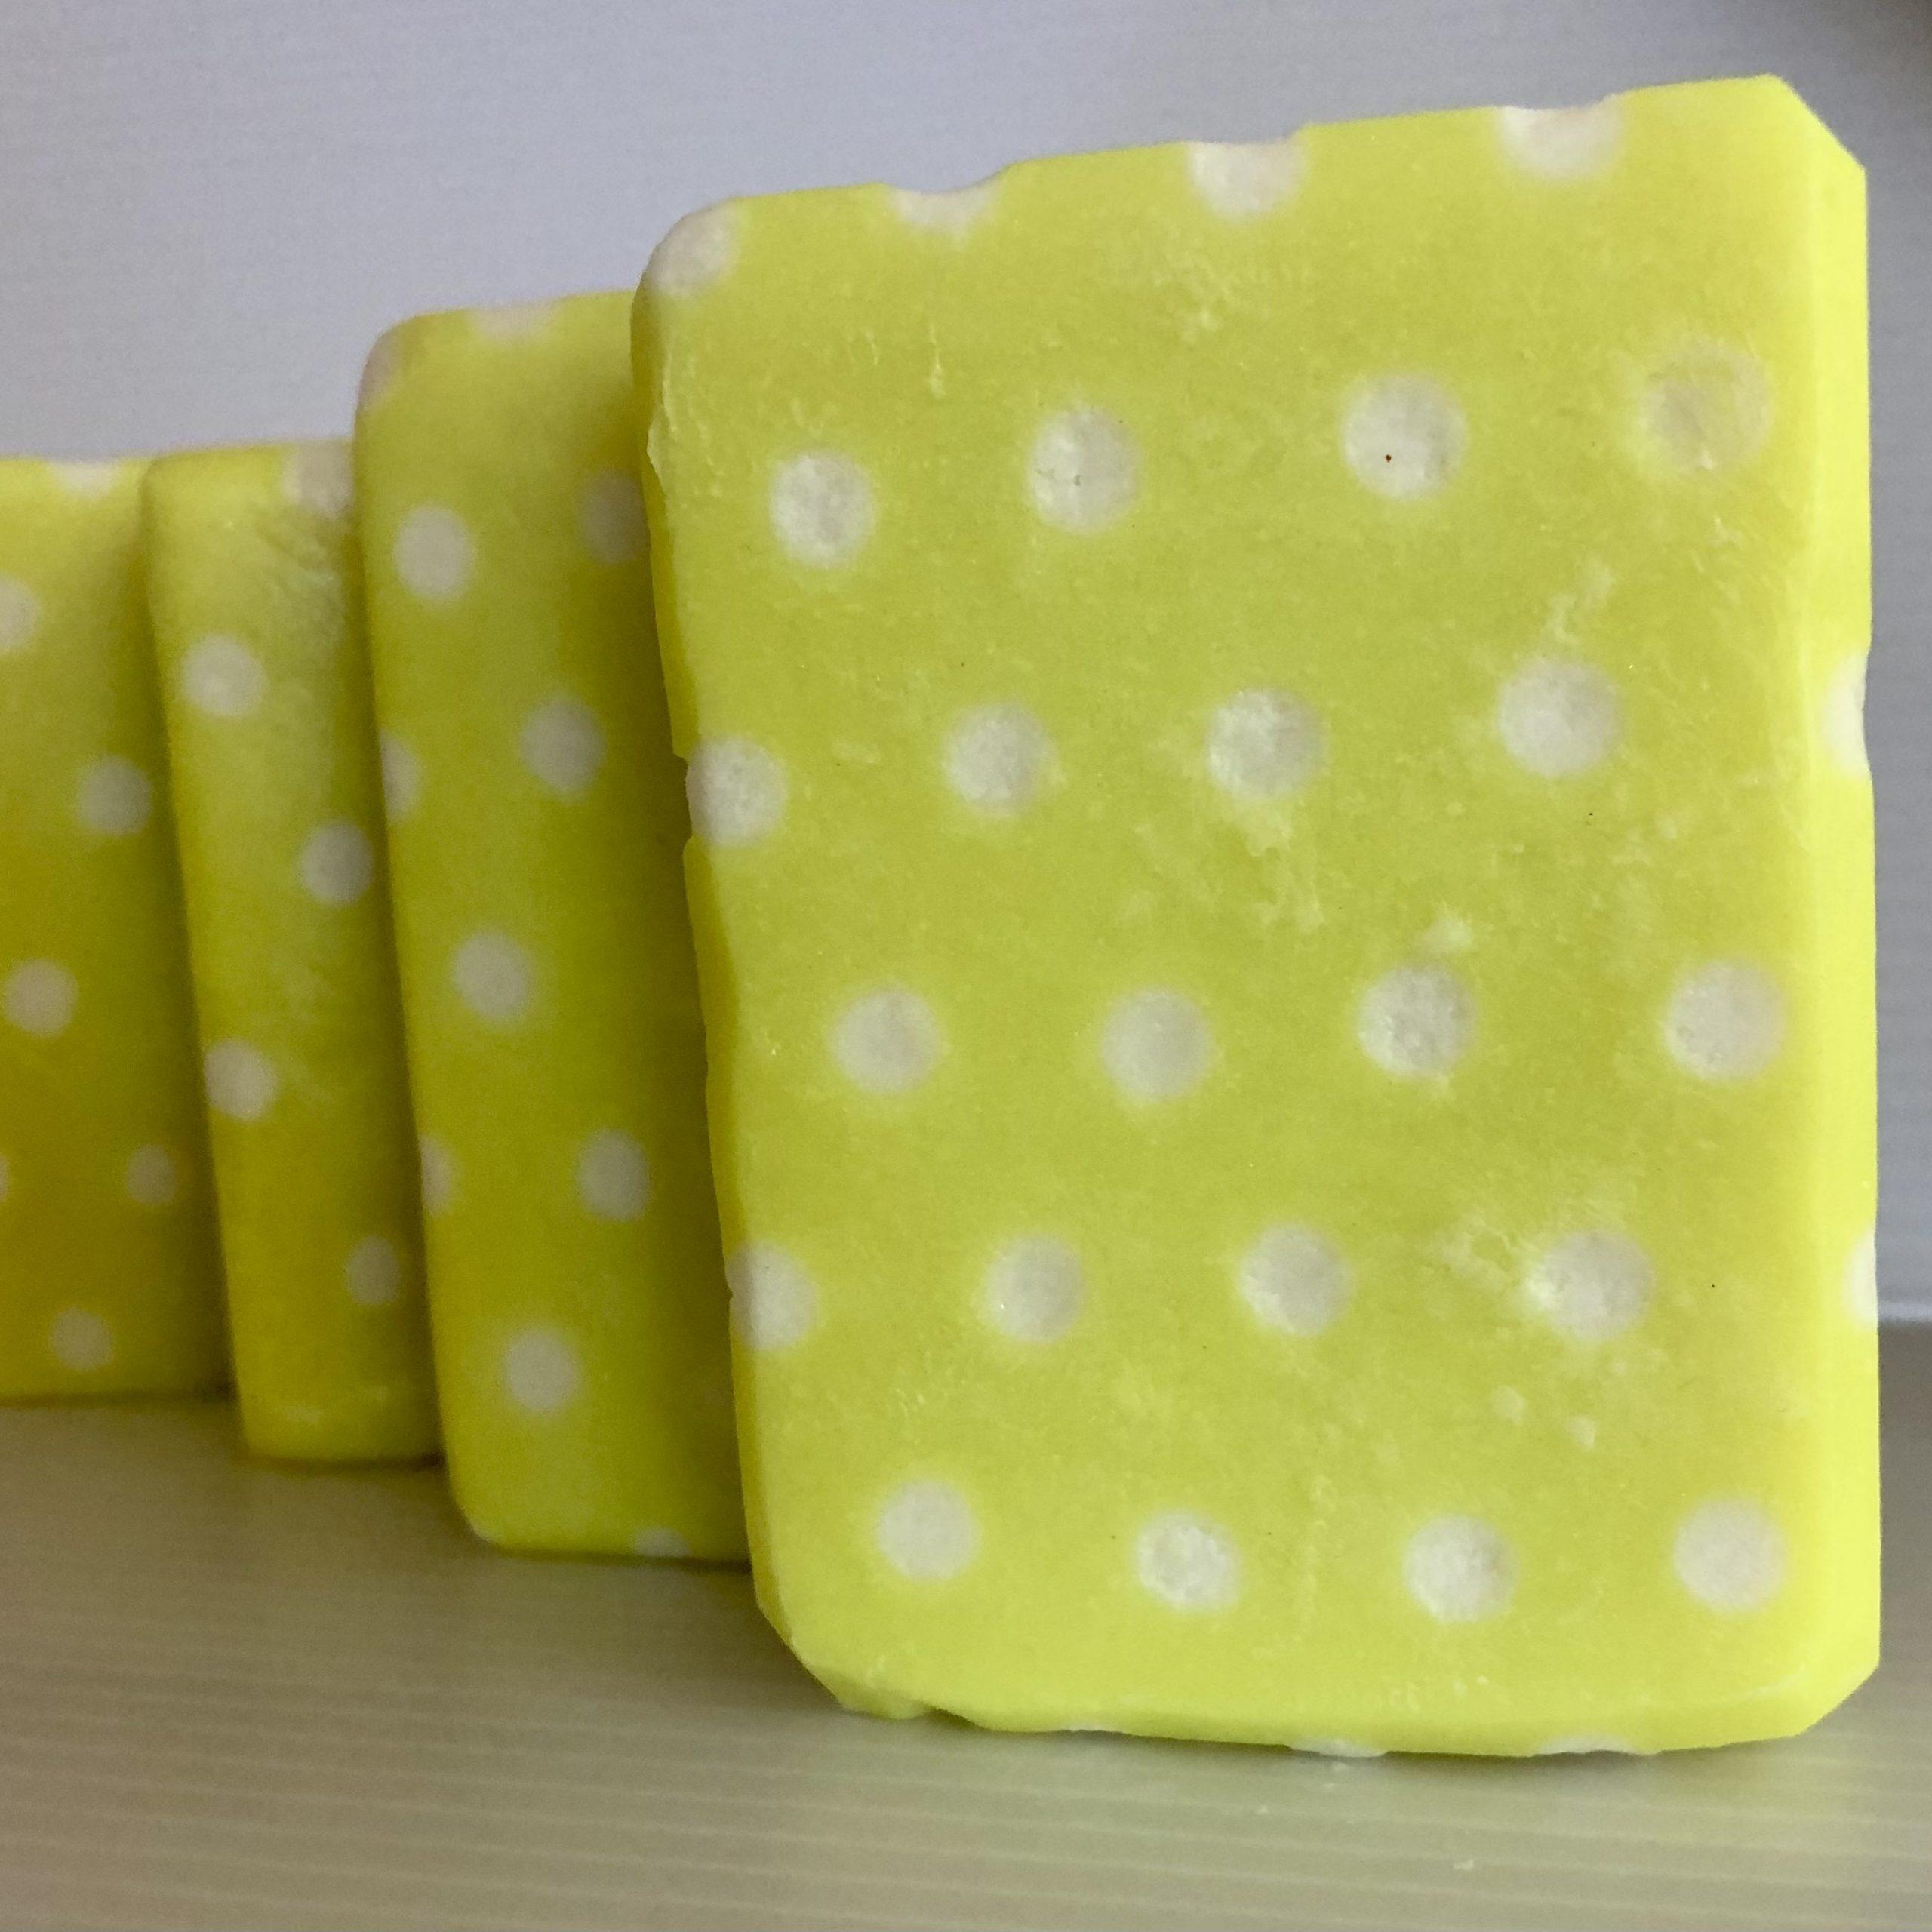 yellow polka dots